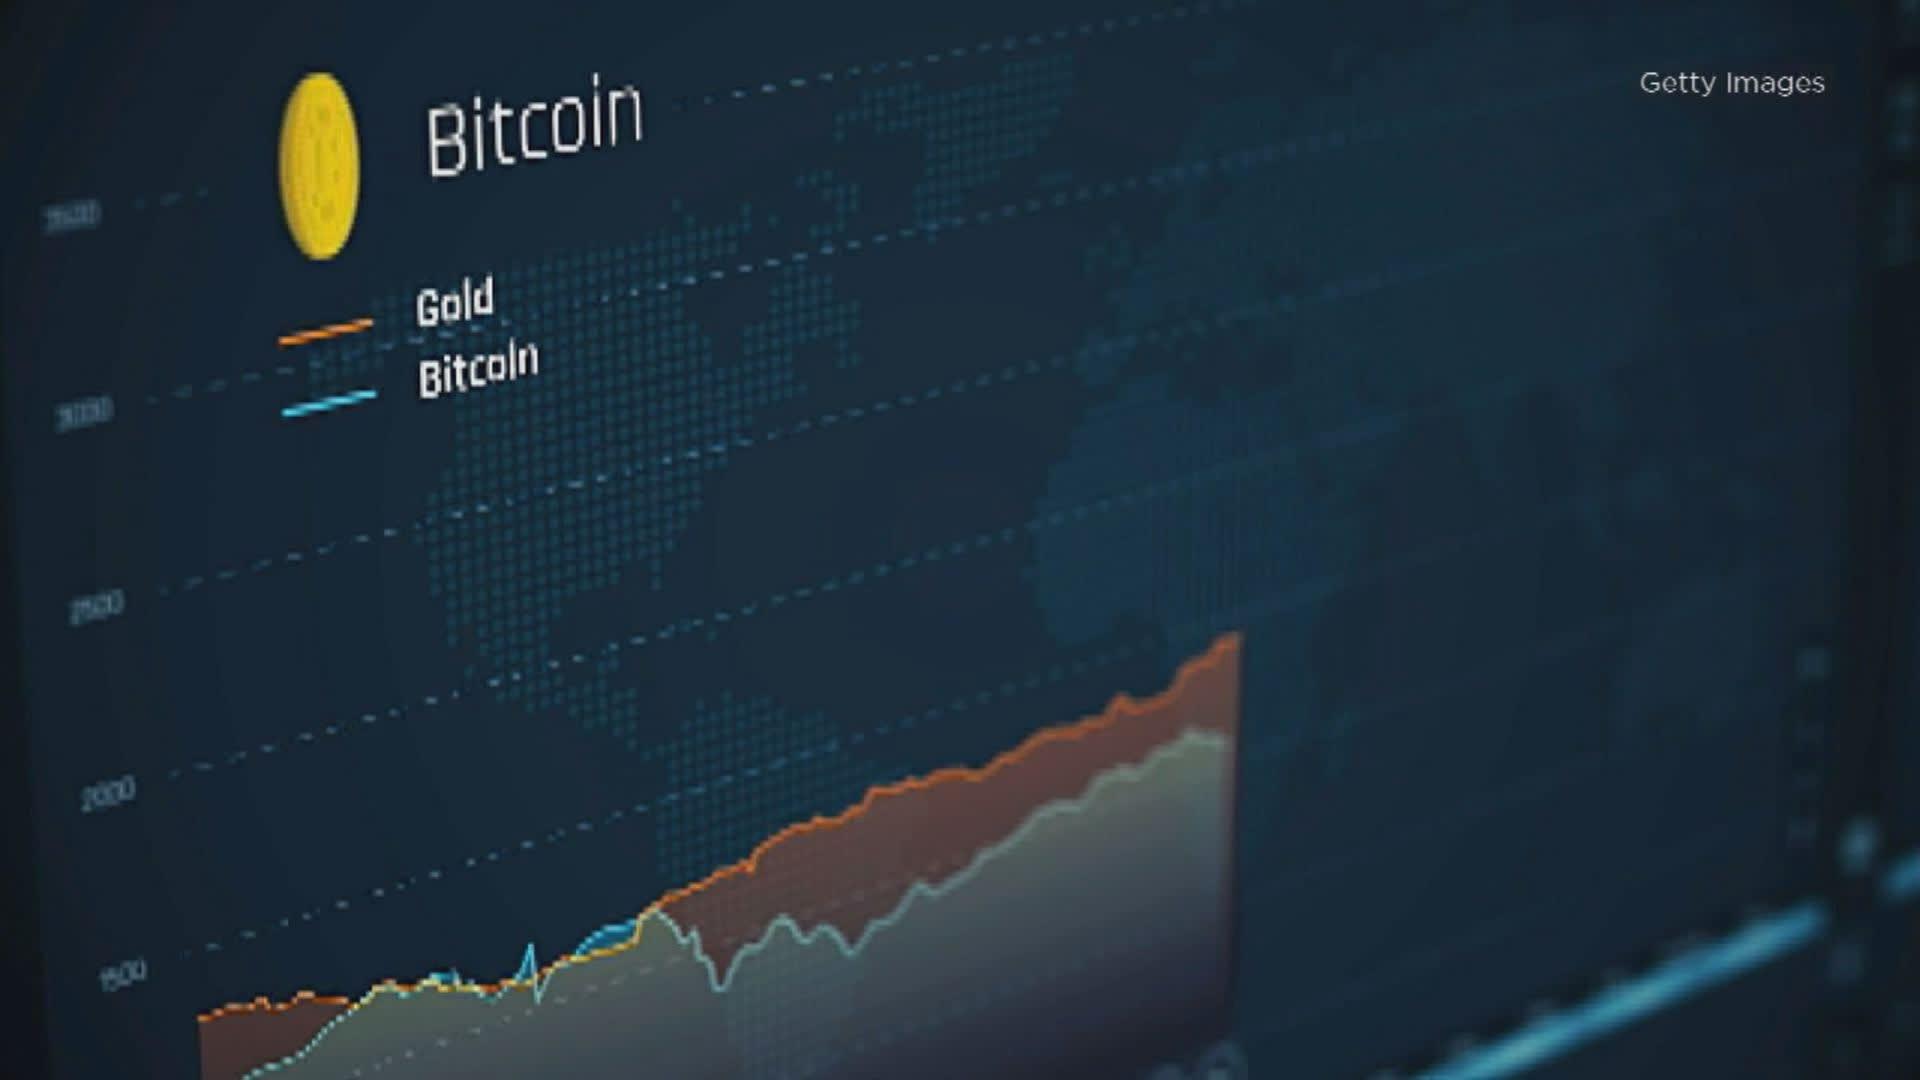 transportangliafranta.ro vise à booster l'adoption de Bitcoin grâce à des micro-tâches et au partenariat Coinbase